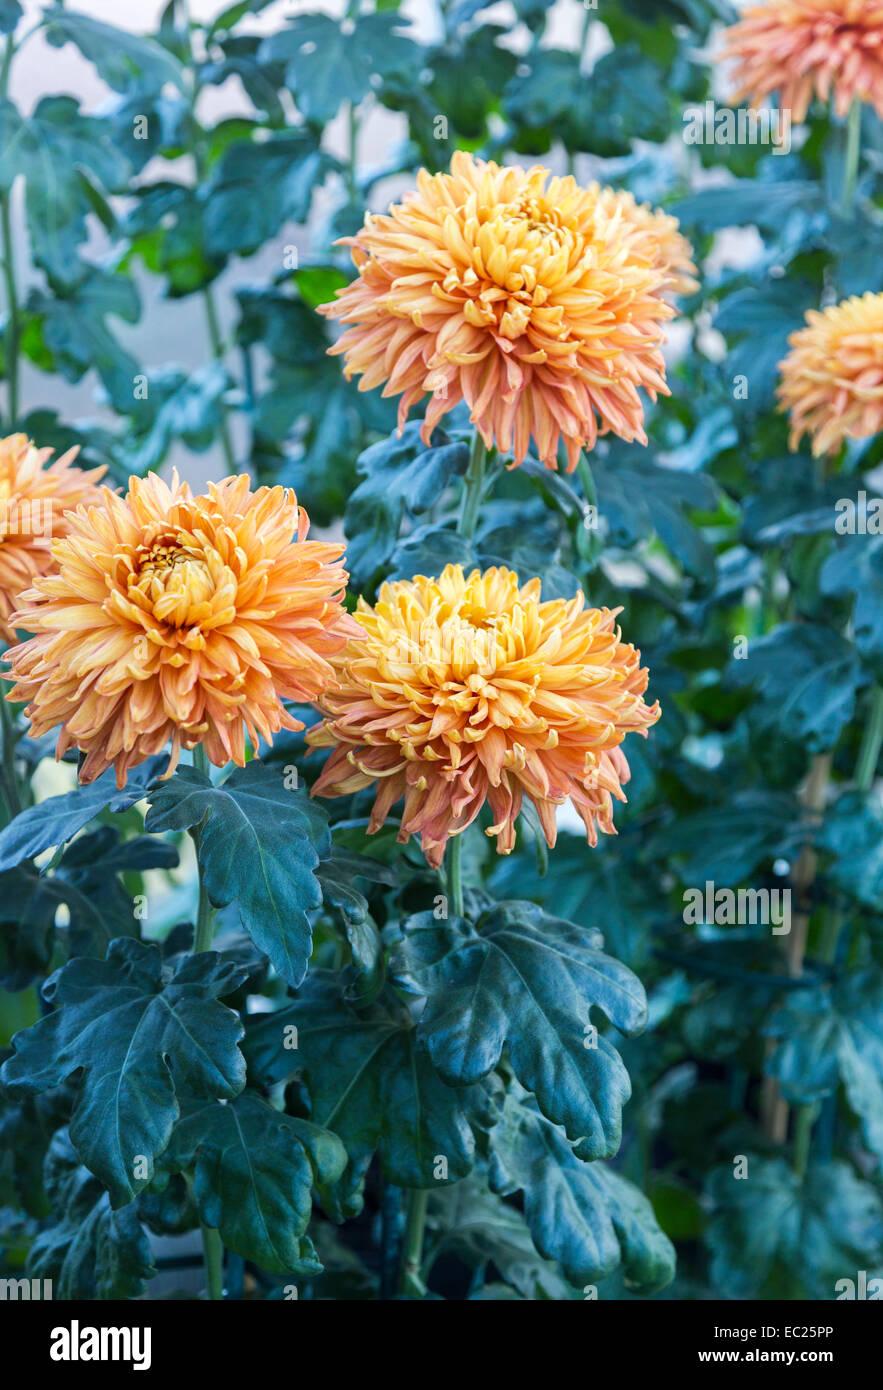 Cabezas de flor de naranja de finales de invierno florecimiento crisantemo reflexionado 'Perfección' Imagen De Stock